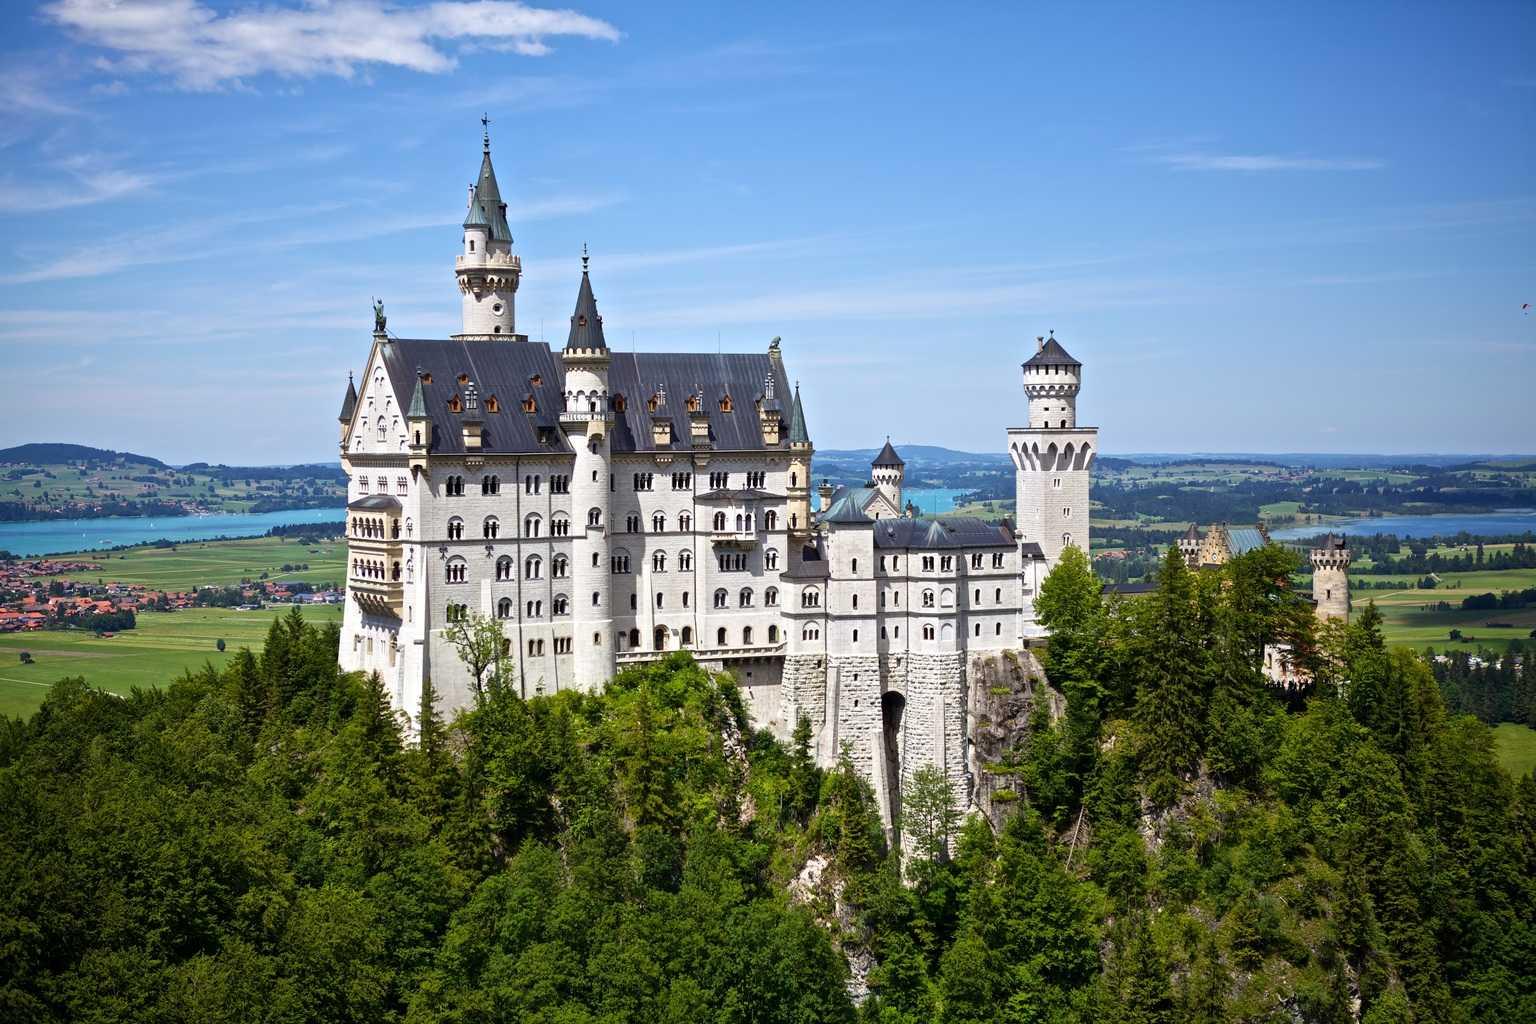 картинки замки в европе когда видим фото